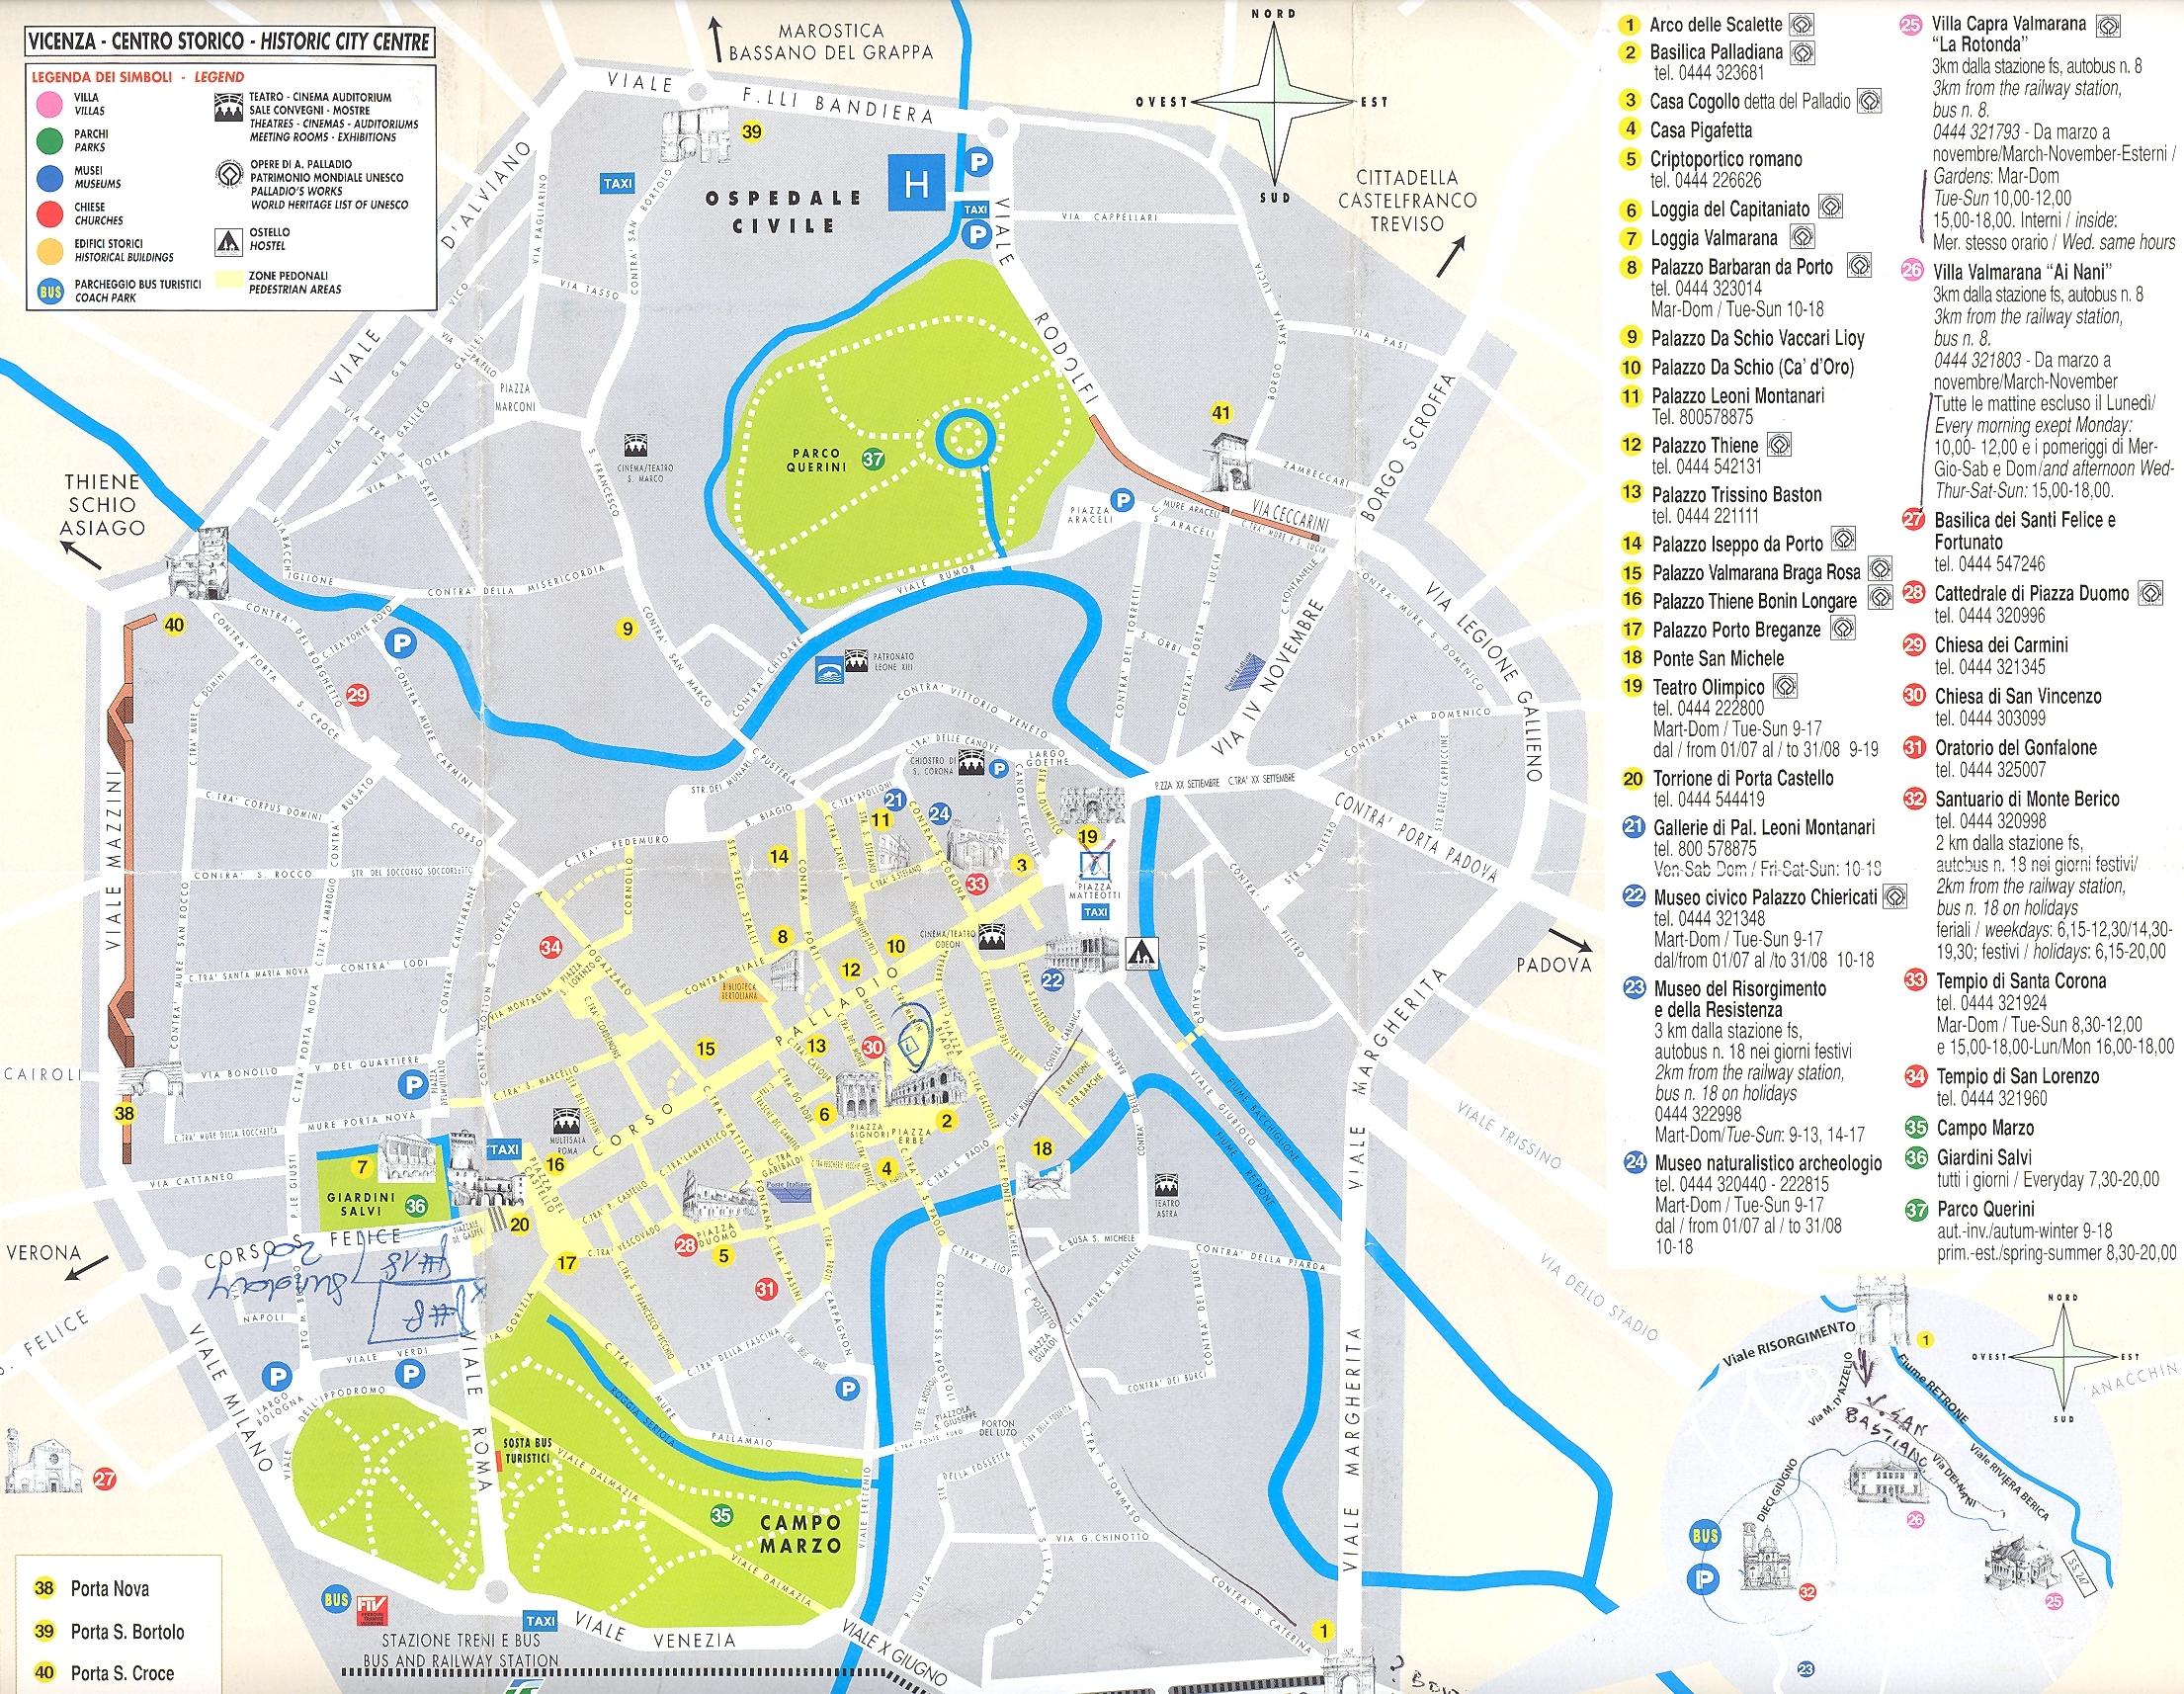 Виченца (Vicenza), регион Венето, Италия - достопримечательности, подробная карта города